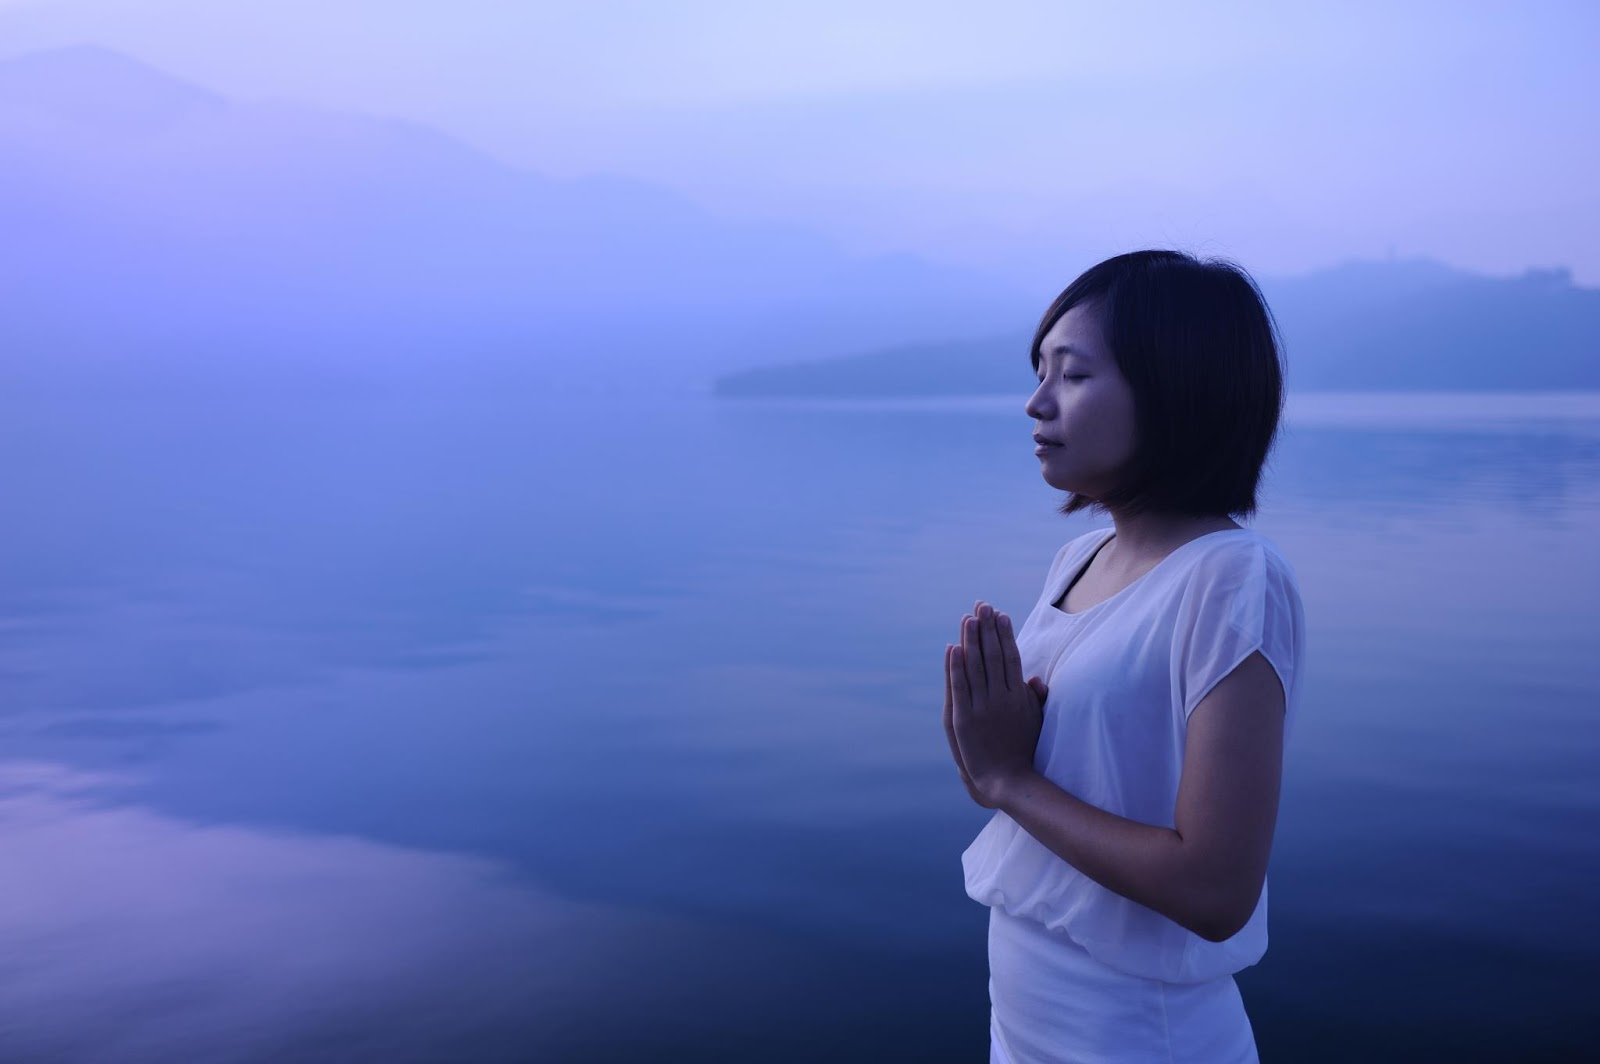 佛陀正法在禪宗,在台灣紮根。佛緣到了,在世界末日過後重生的時代給自己特別的歷程,你會訝異原來擁有心燈,是一個真實存在的傳奇。